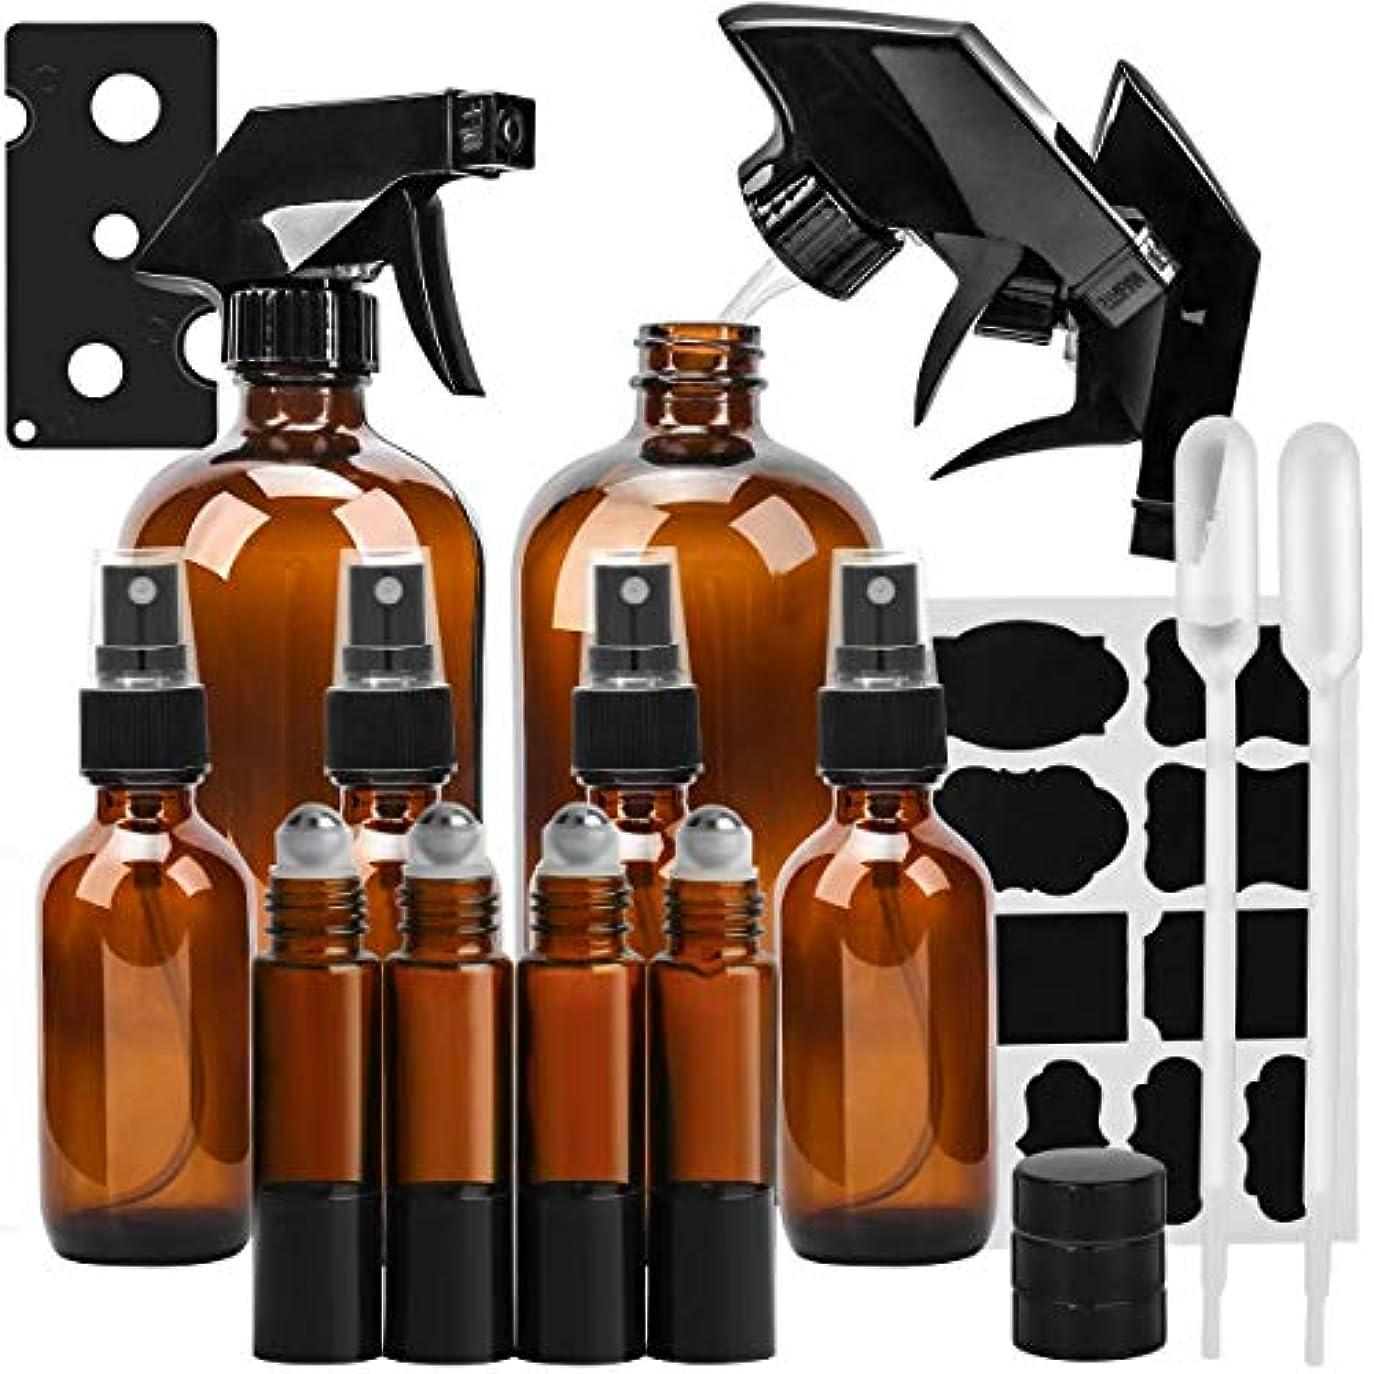 ハング機械的測るKAMOTA 16オンス×2 2オンス×4 10ミリリットルローラーボトル×4 - 製品やアロマテラピーを清掃エッセンシャルオイル 用 詰め替え容器 セットガラススプレーボトルアンバーガラススプレーボトル アンバー-2